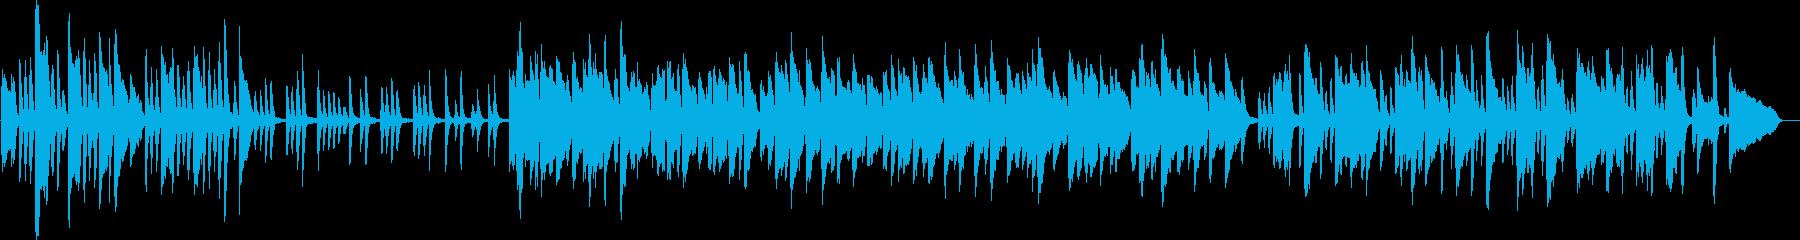 ラジオ体操風ピアノ曲(爽やか・軽やか)の再生済みの波形